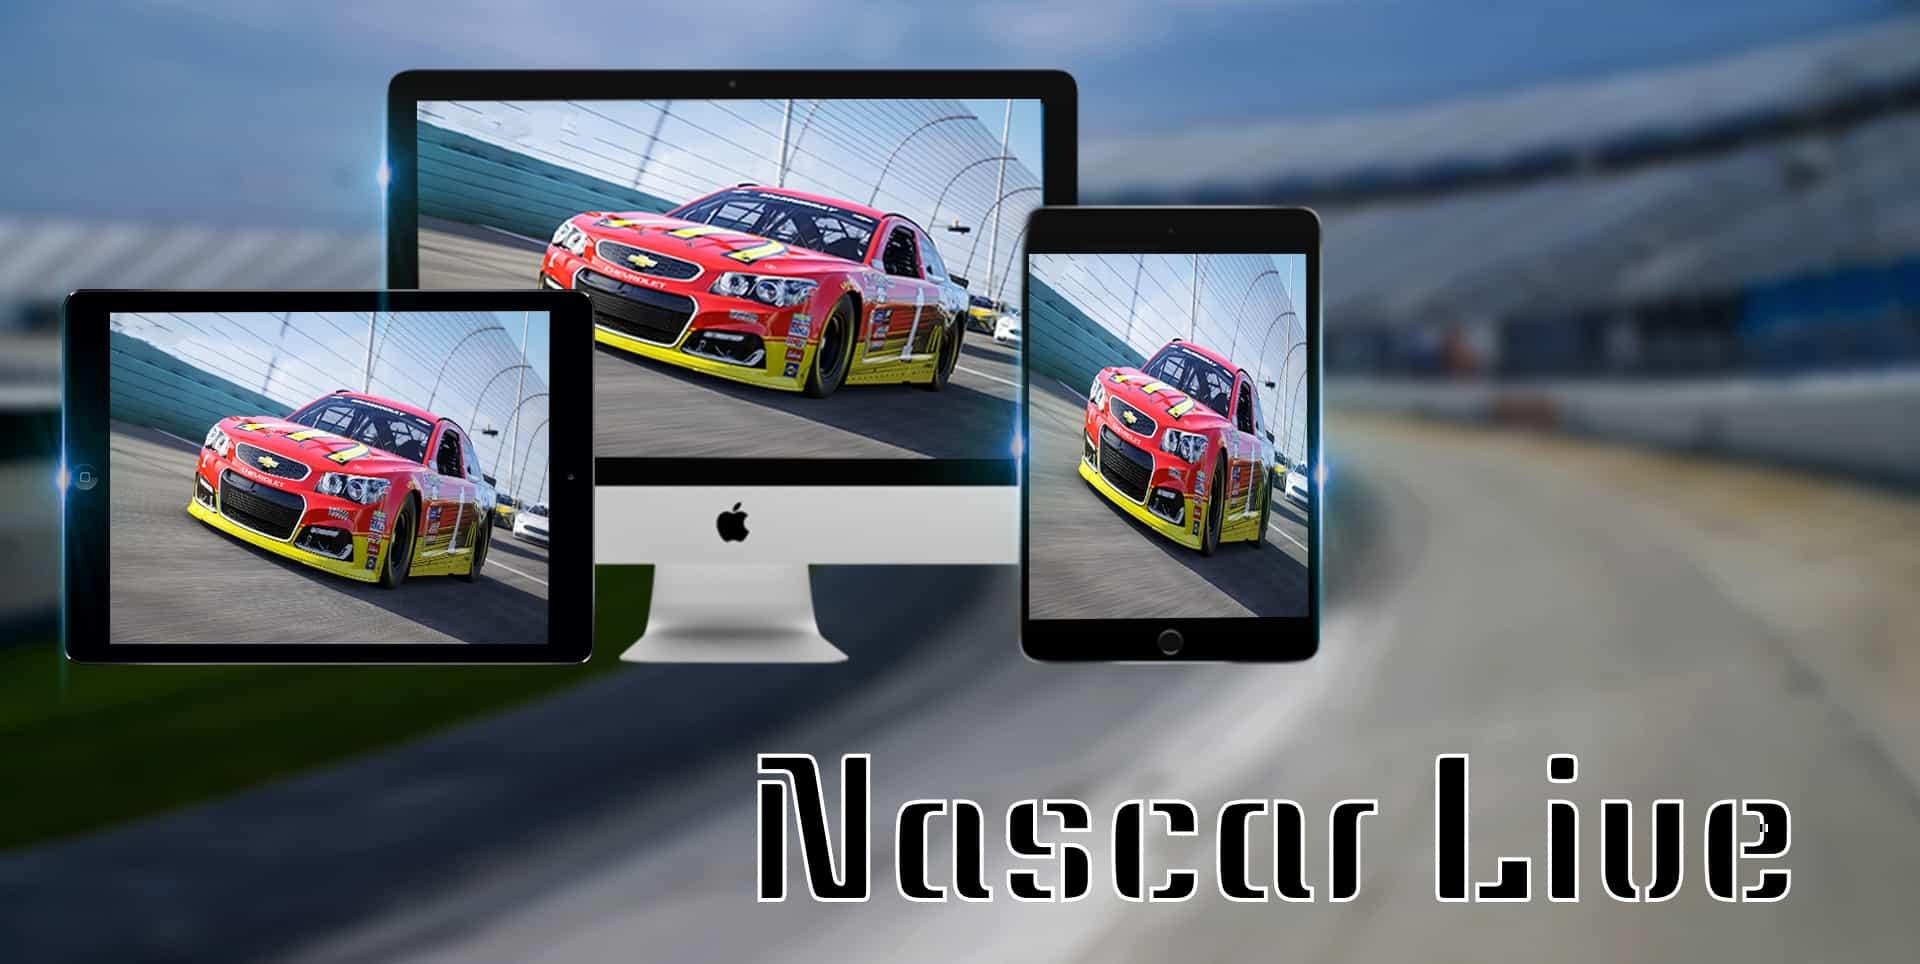 Watch Nascar Online 2018 slider